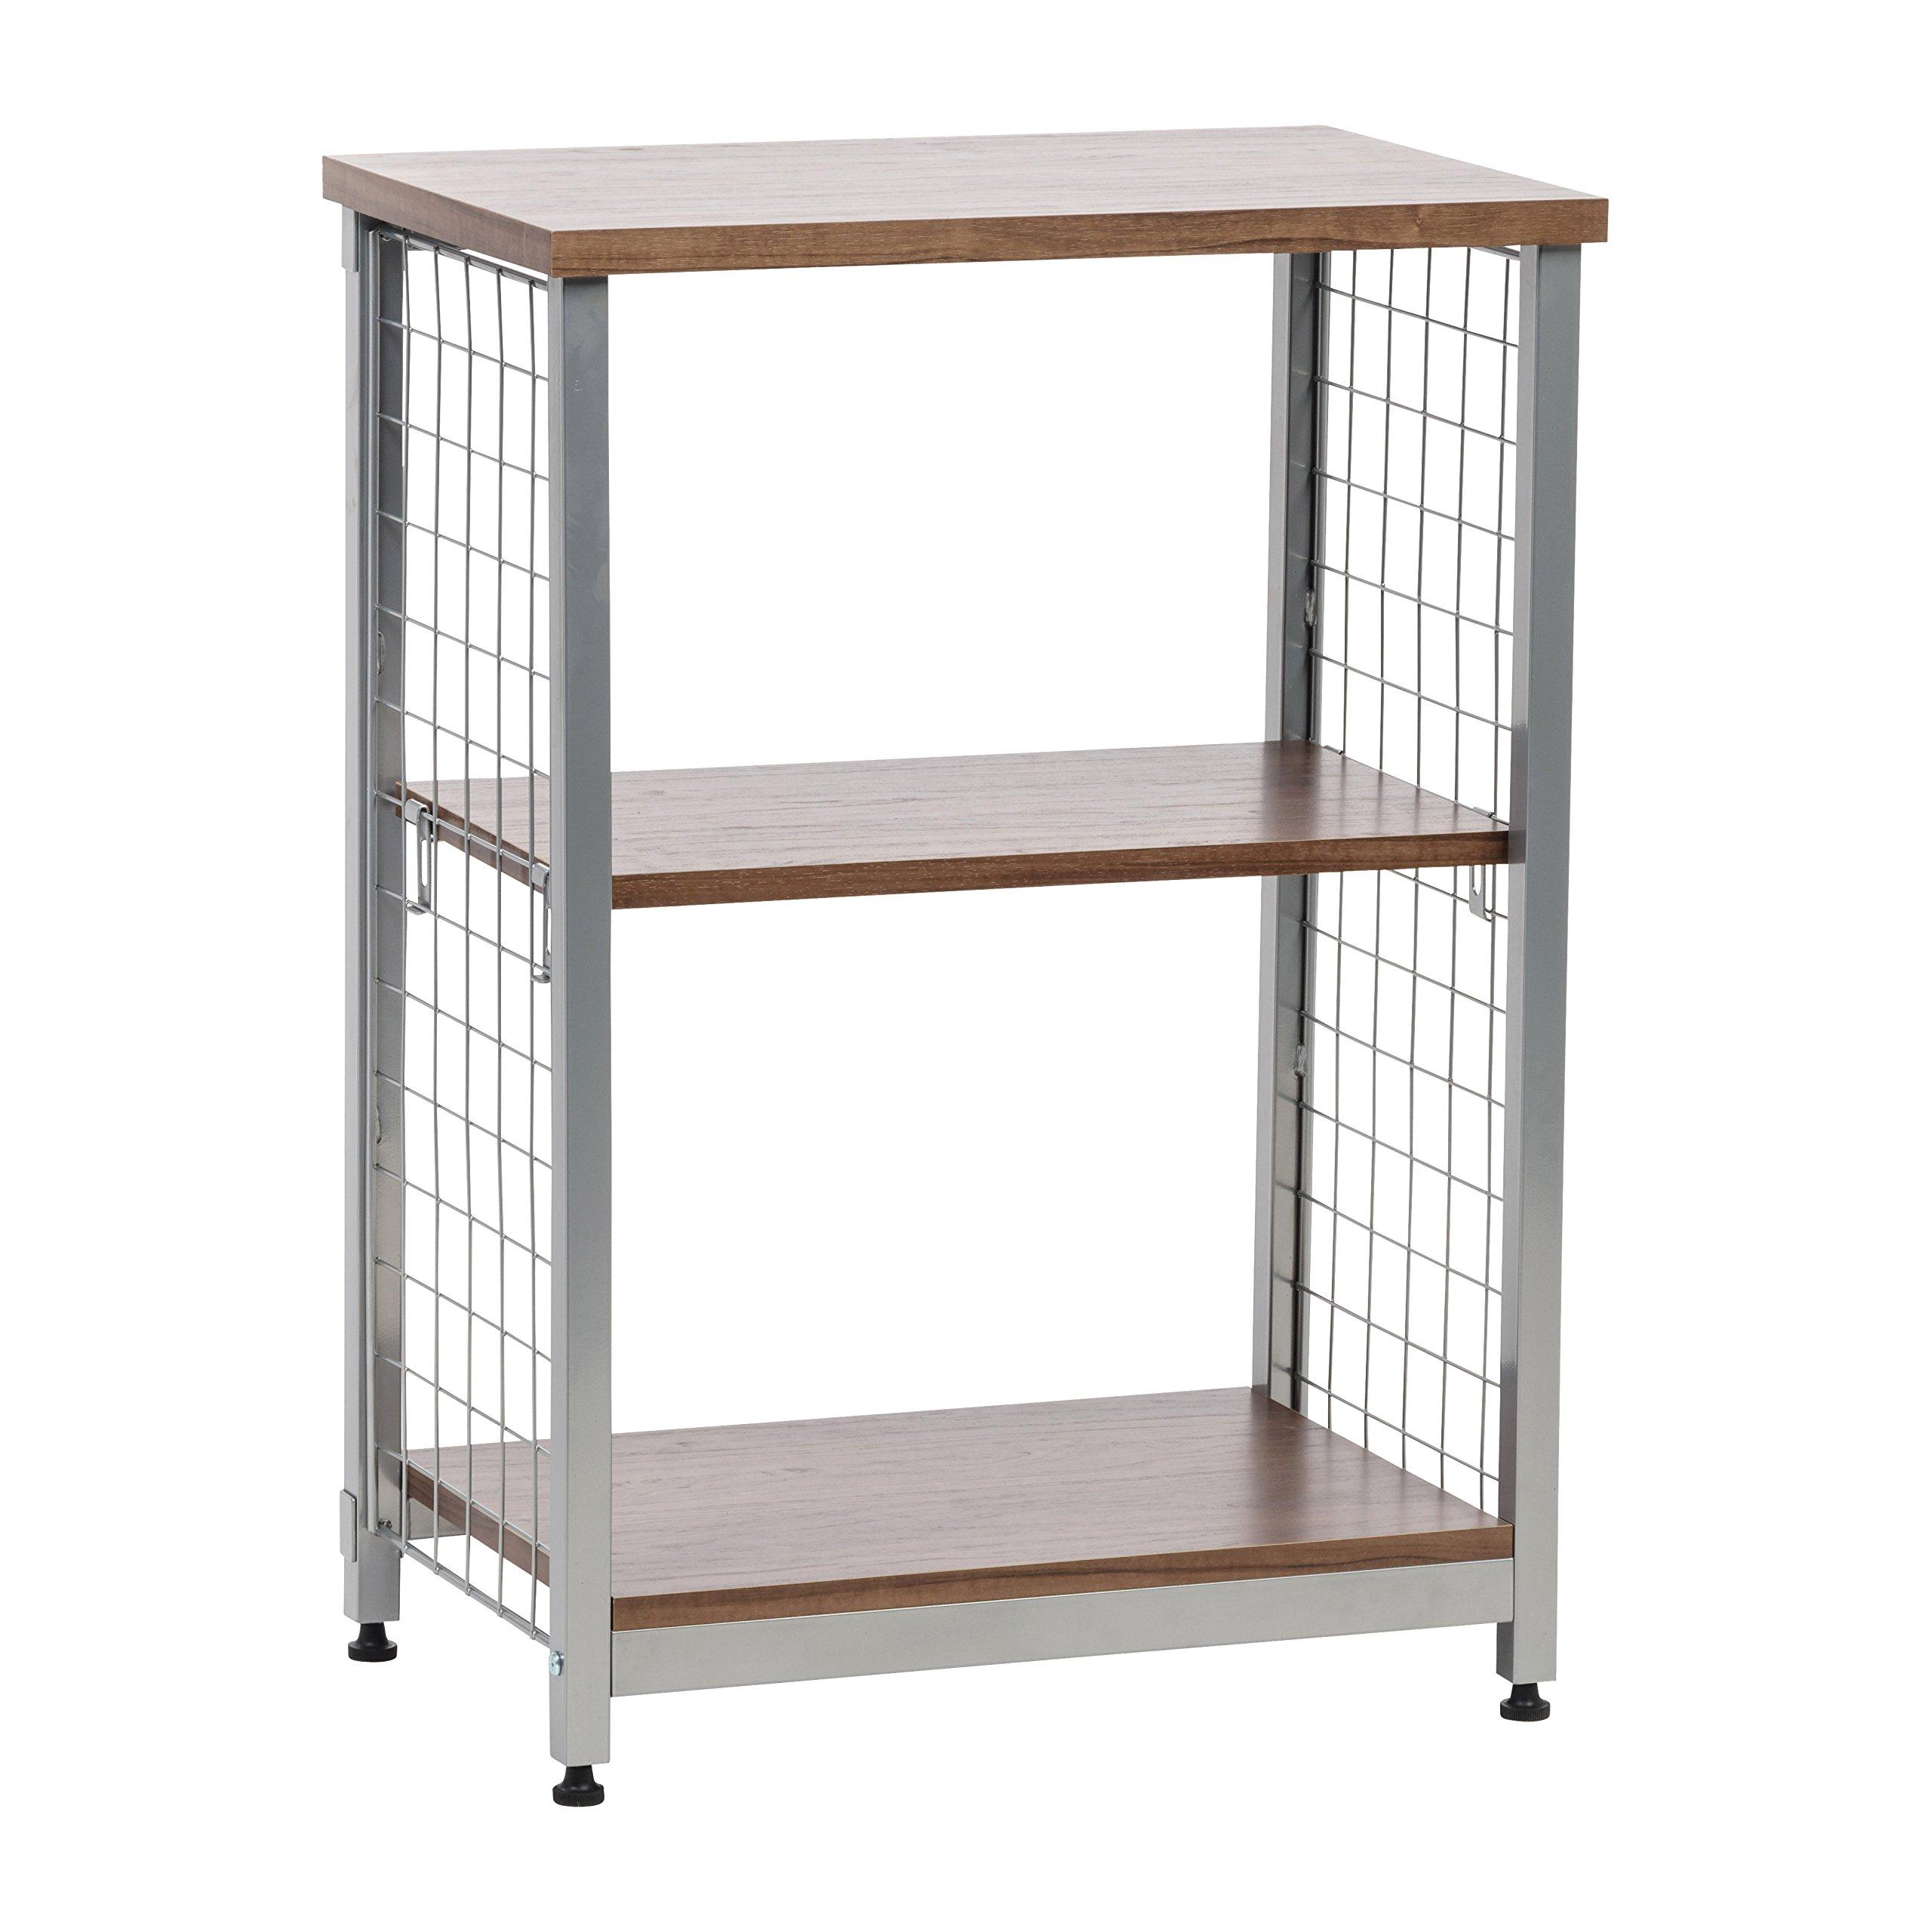 IRIS 2-Tier Open Mesh Wood-Top Shelf, Brown